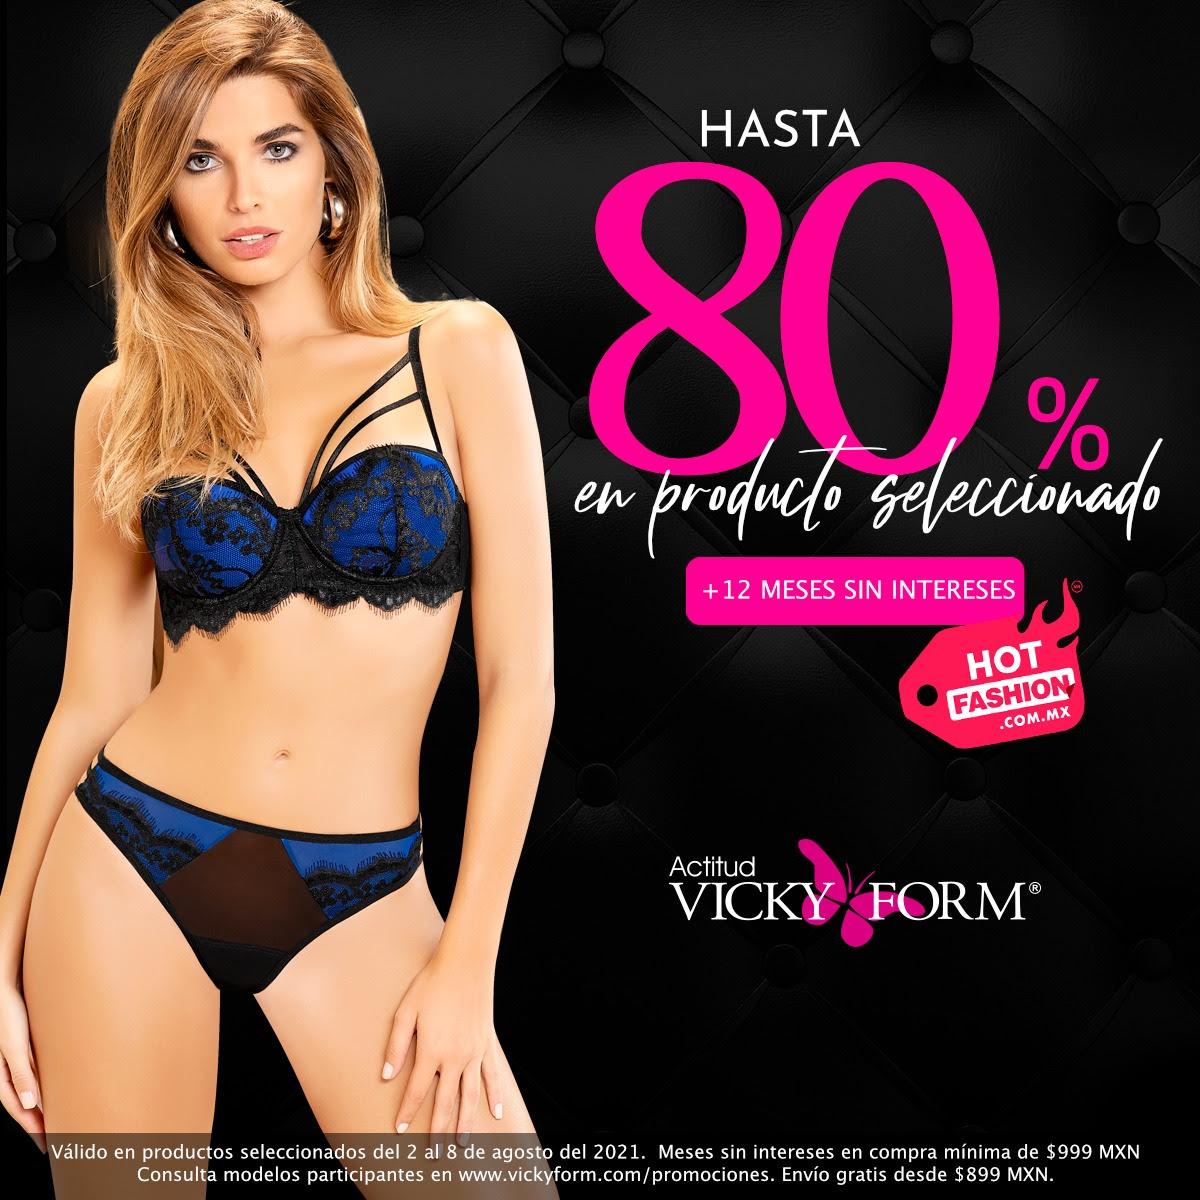 Vicky Form Hasta 80% de descuento + $100 de descuento + 12 MSI